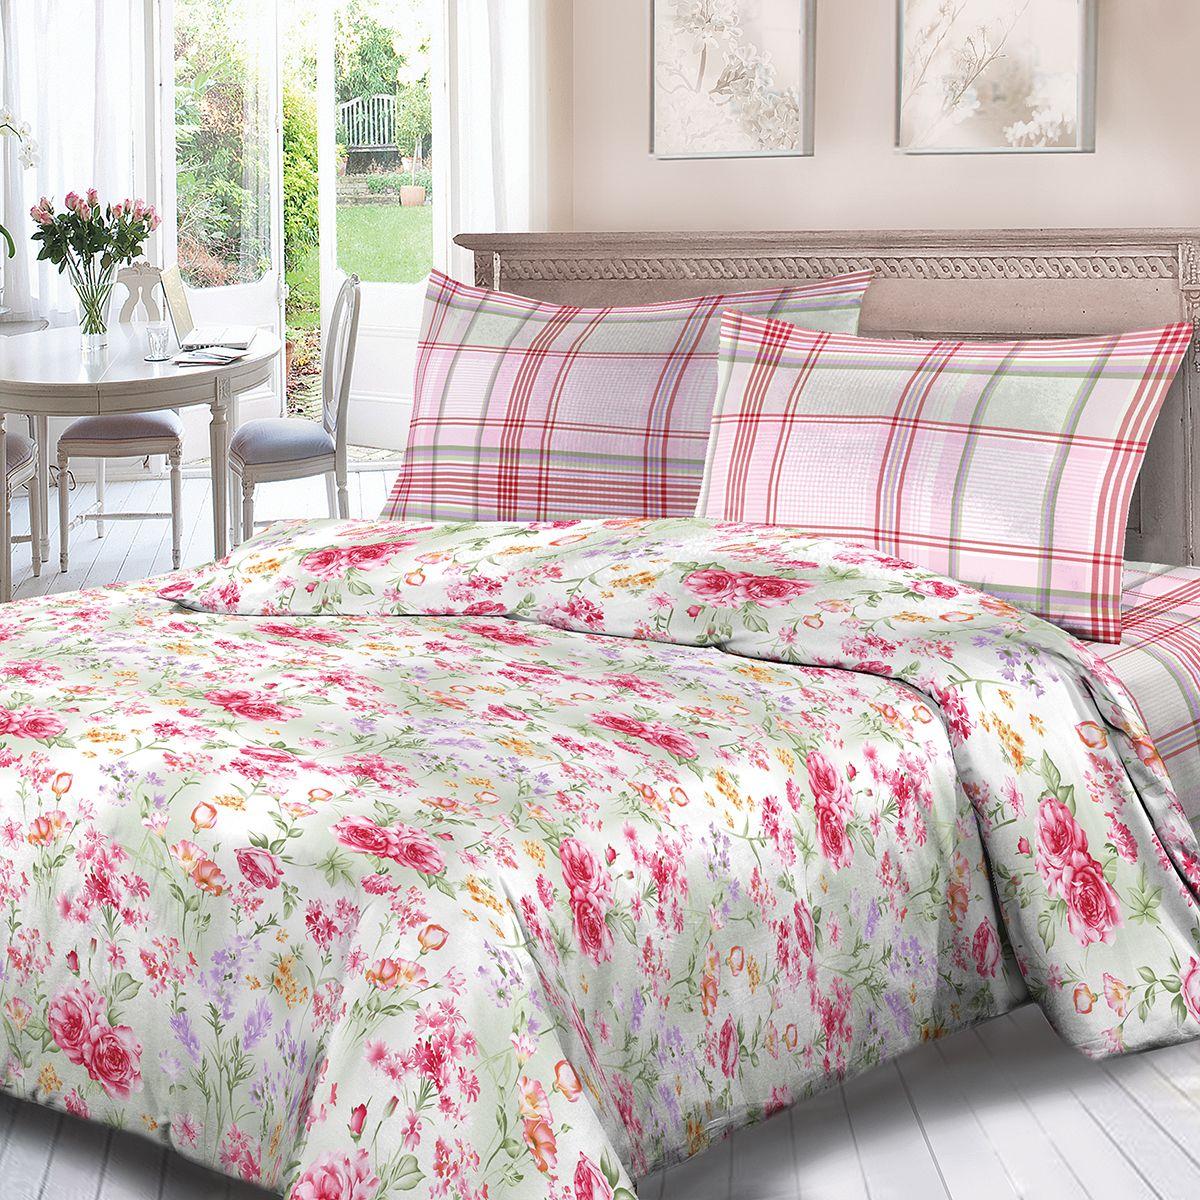 Комплект белья Для Снов Аннет, 2-х спальное, наволочки 70x70, цвет: розовый. 3599-186496